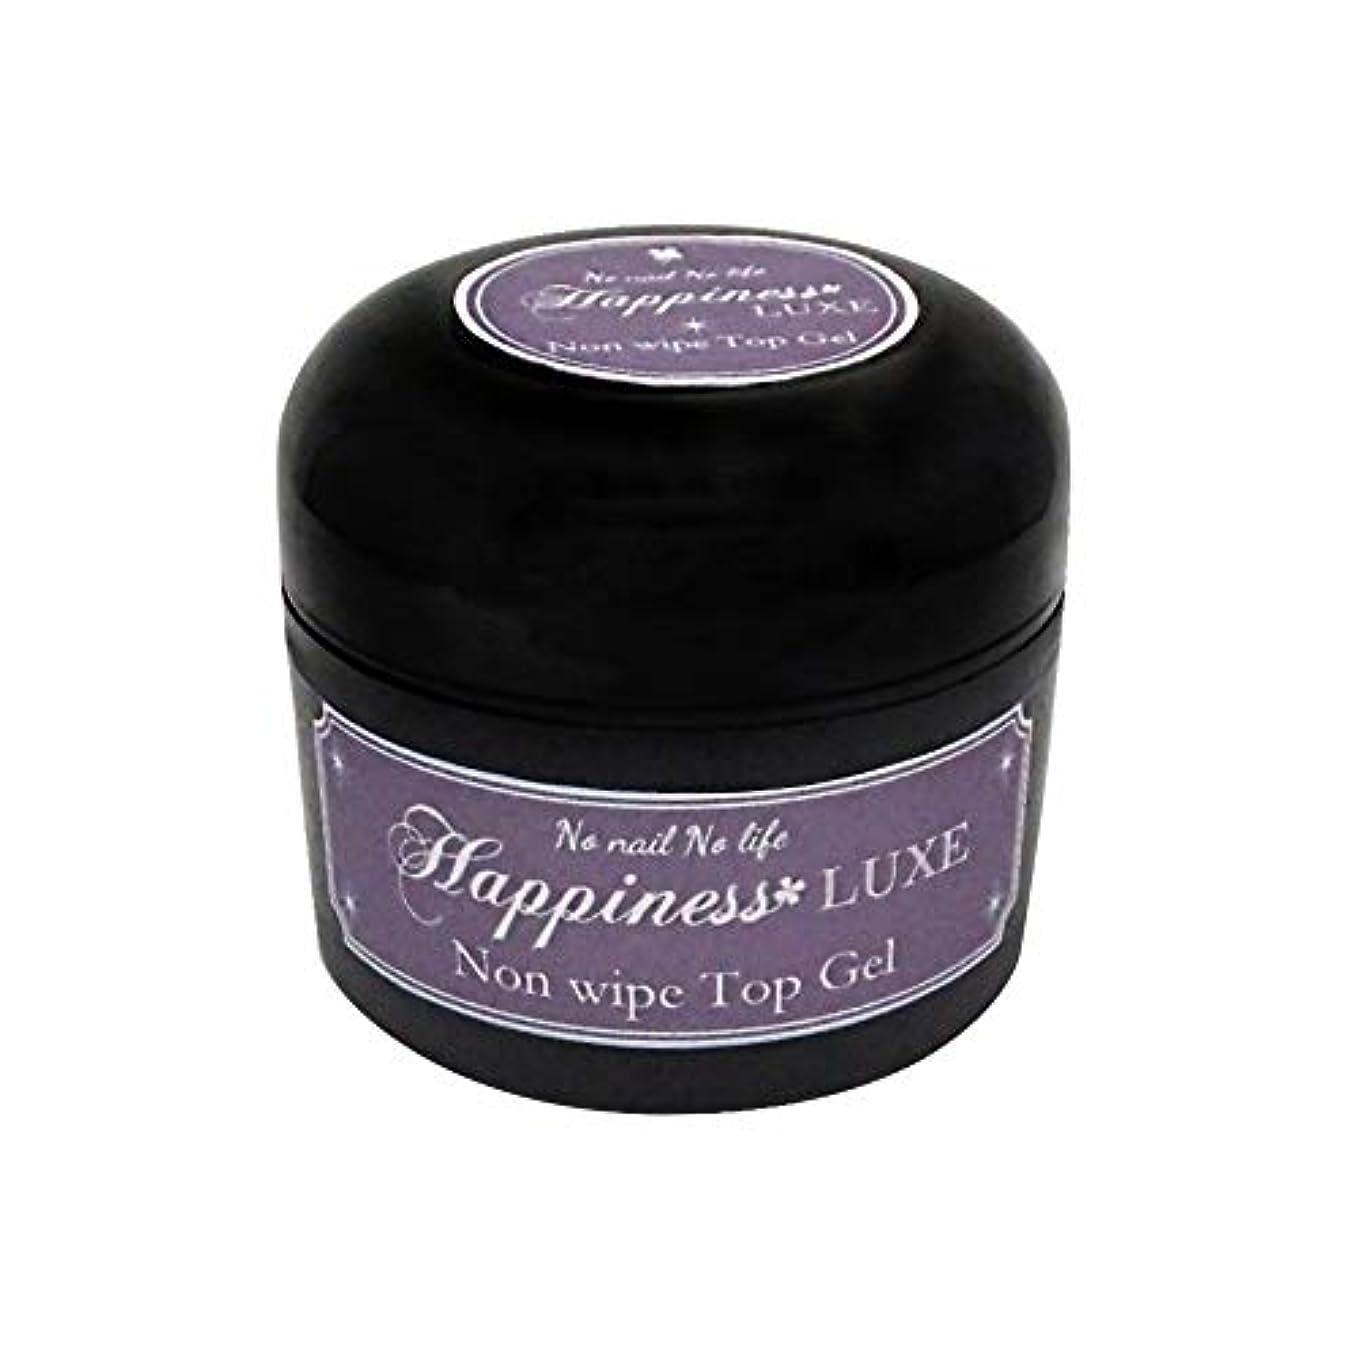 電報ランク合成ジェルネイル《ストーンアートに最適!》Happiness LUXE ハピネスリュクス セミハード ノンワイプトップジェル (30g)